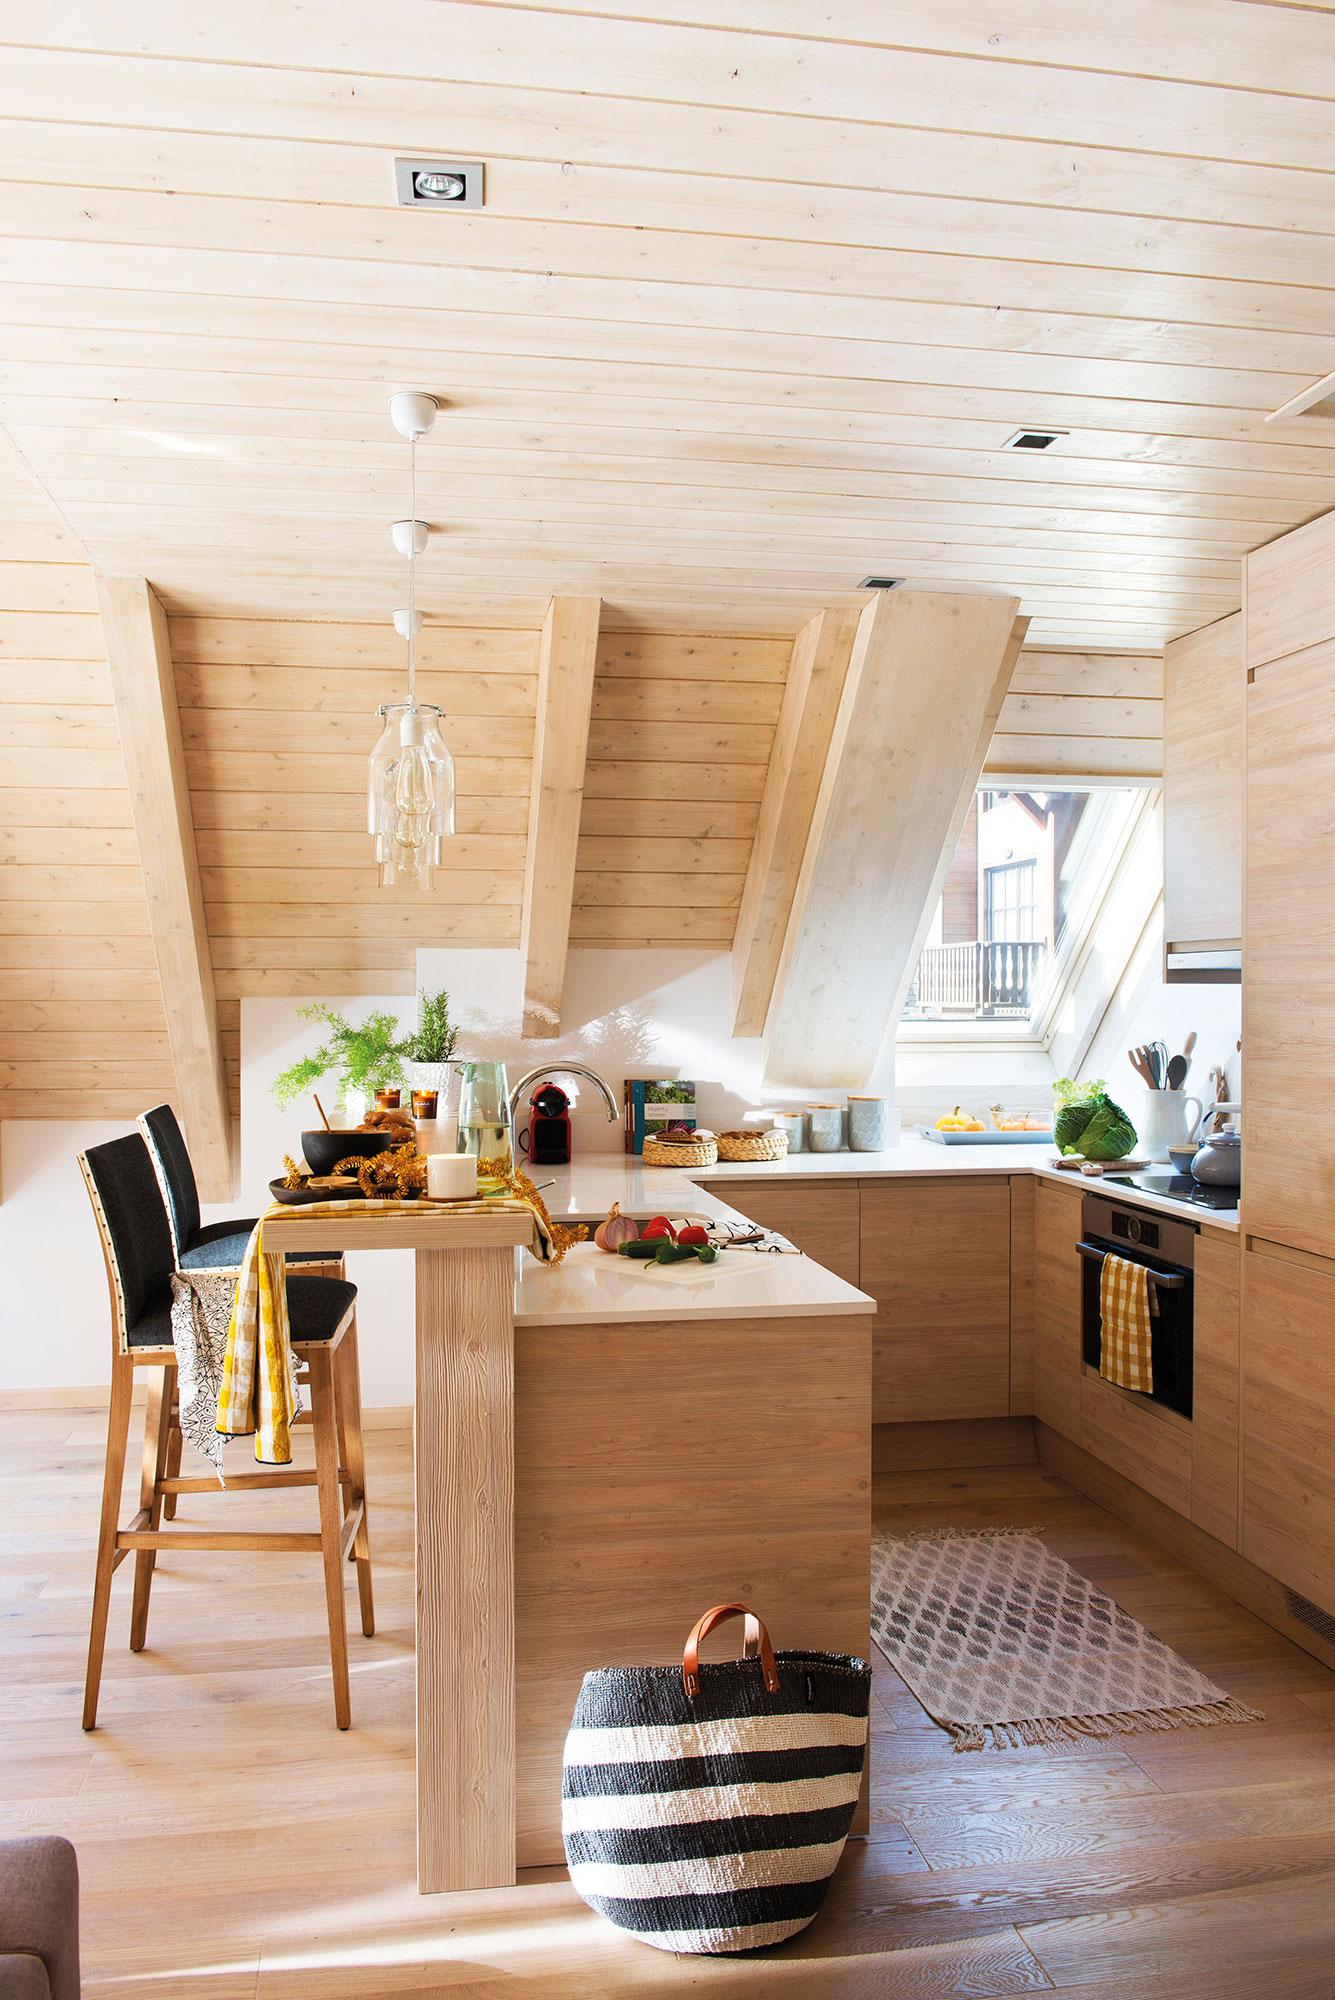 Cocinas peque as claves para distribuirlas en u - Cocina de madera ...